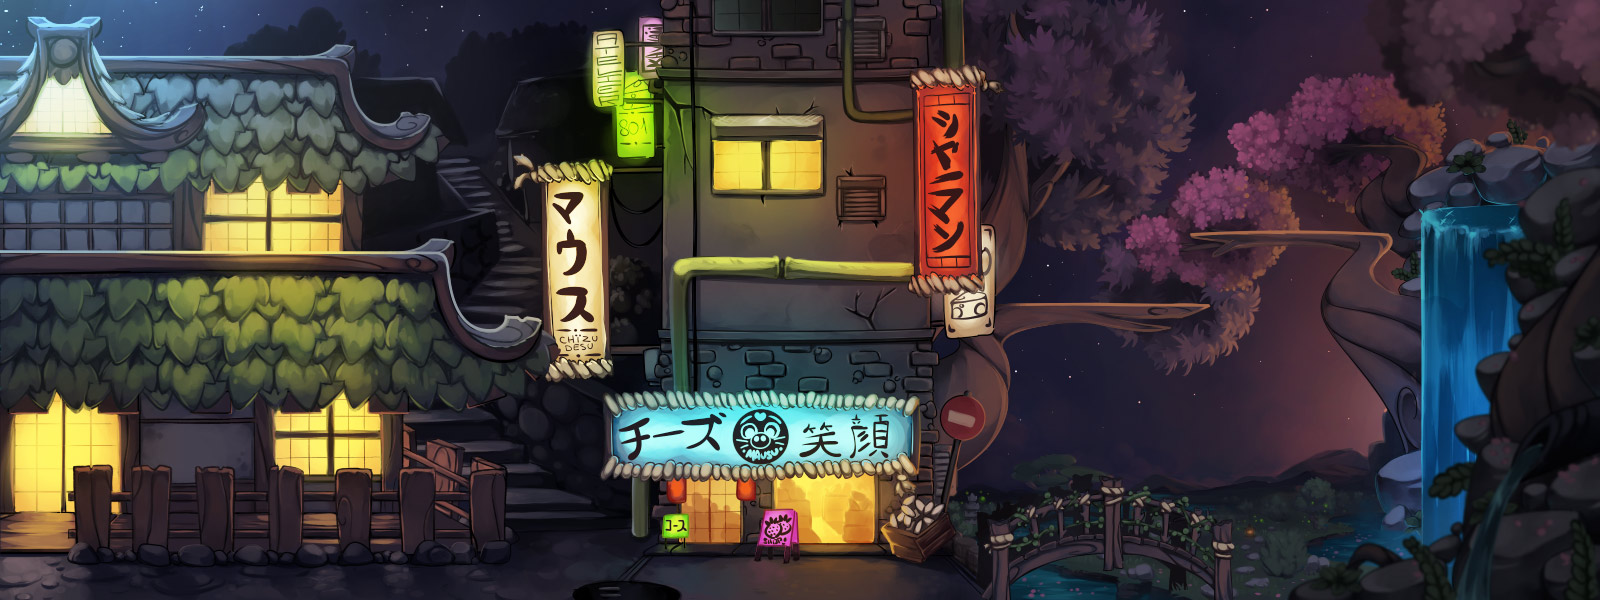 http://www.transformice.com/images/x_transformice/x_evt/x_evt_18/sdnjqj/ninja.jpg?c=42